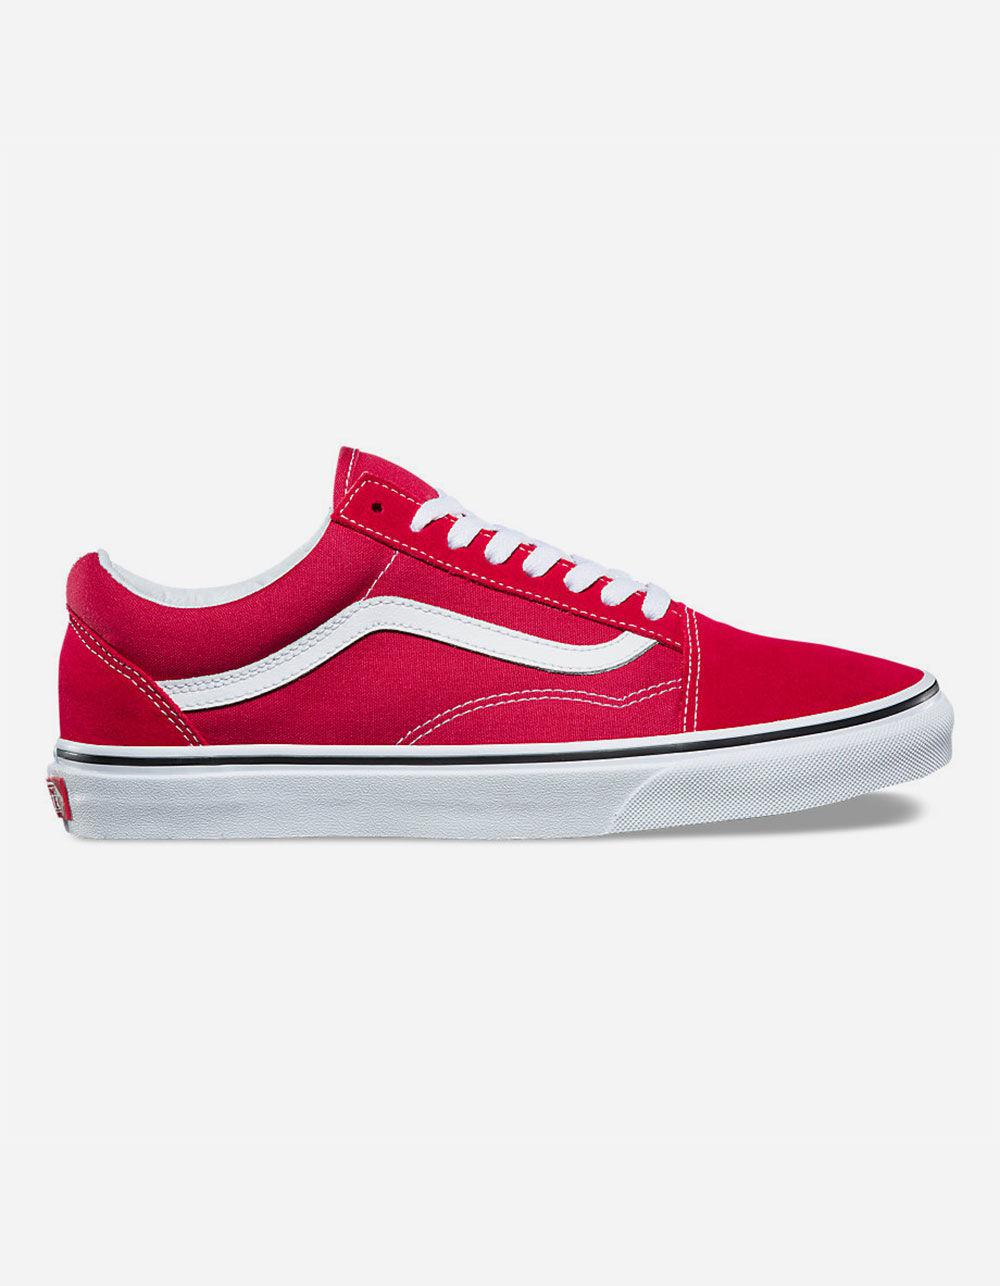 e6405b86254 Lyst - Vans Old Skool Crimson   True White Shoes in Red for Men